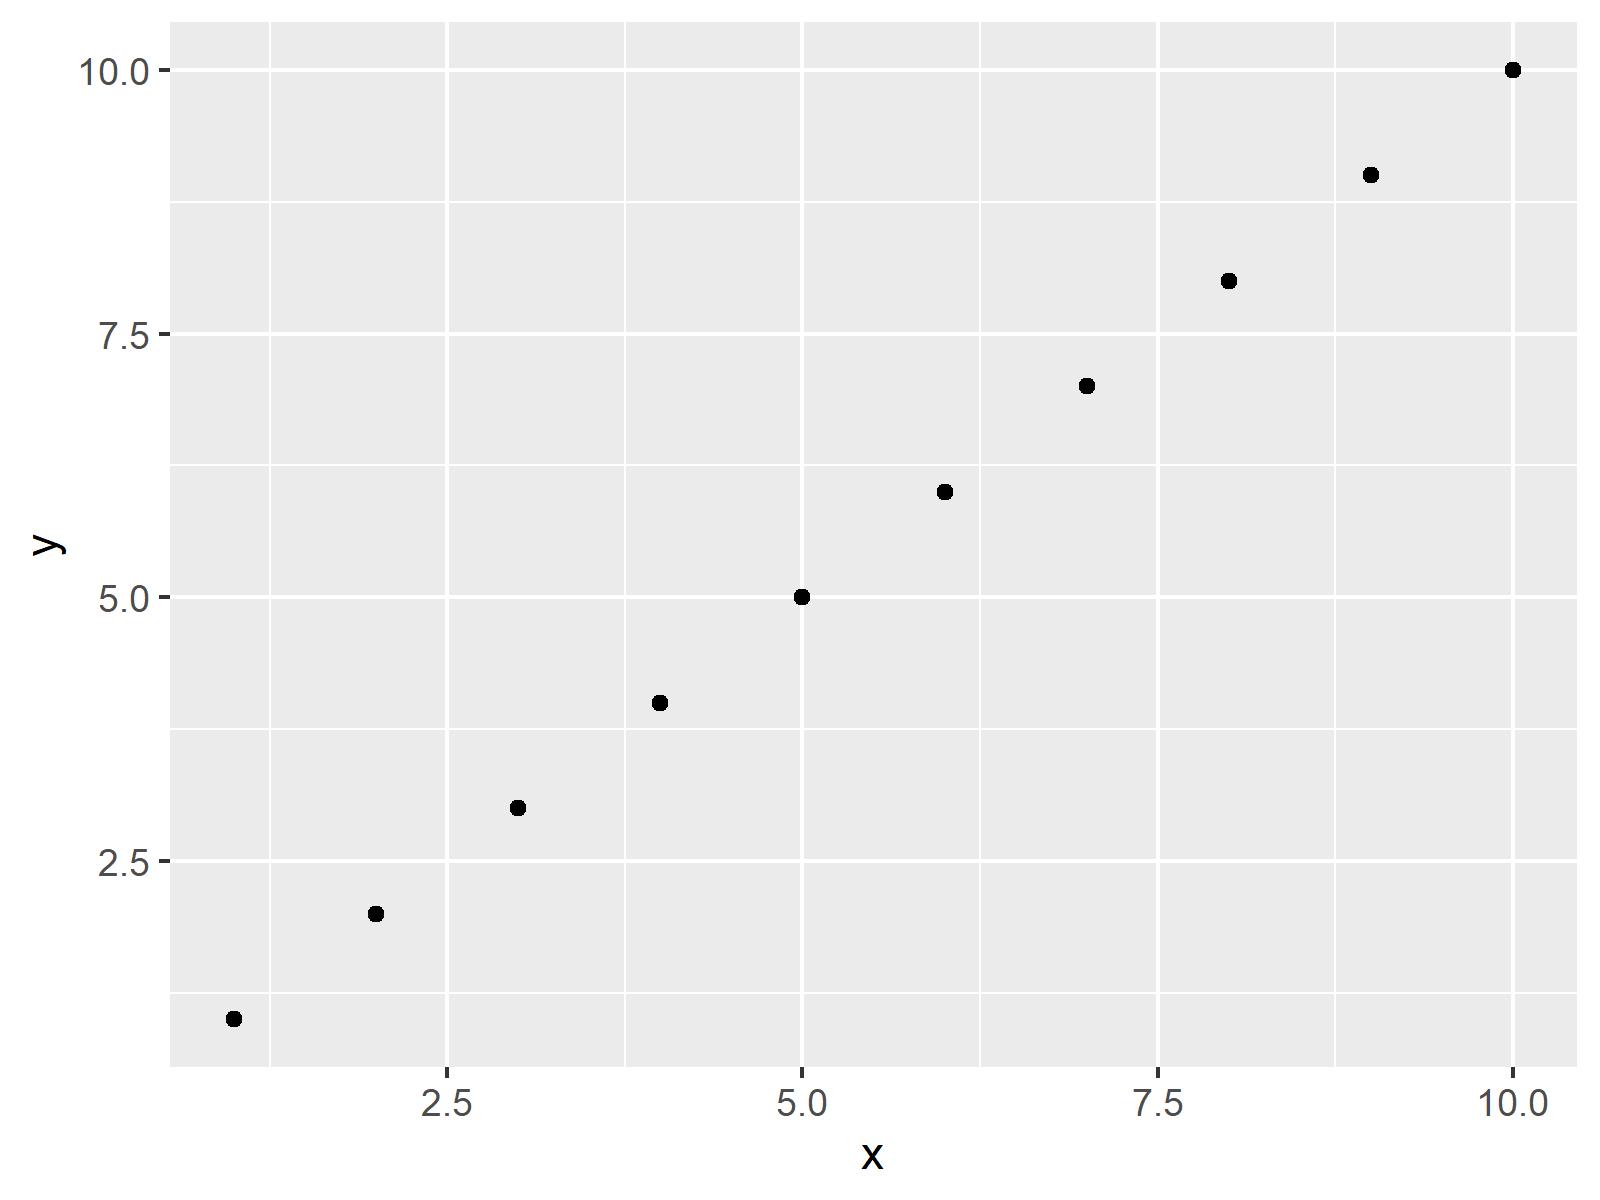 basic ggplot2 scatterplot